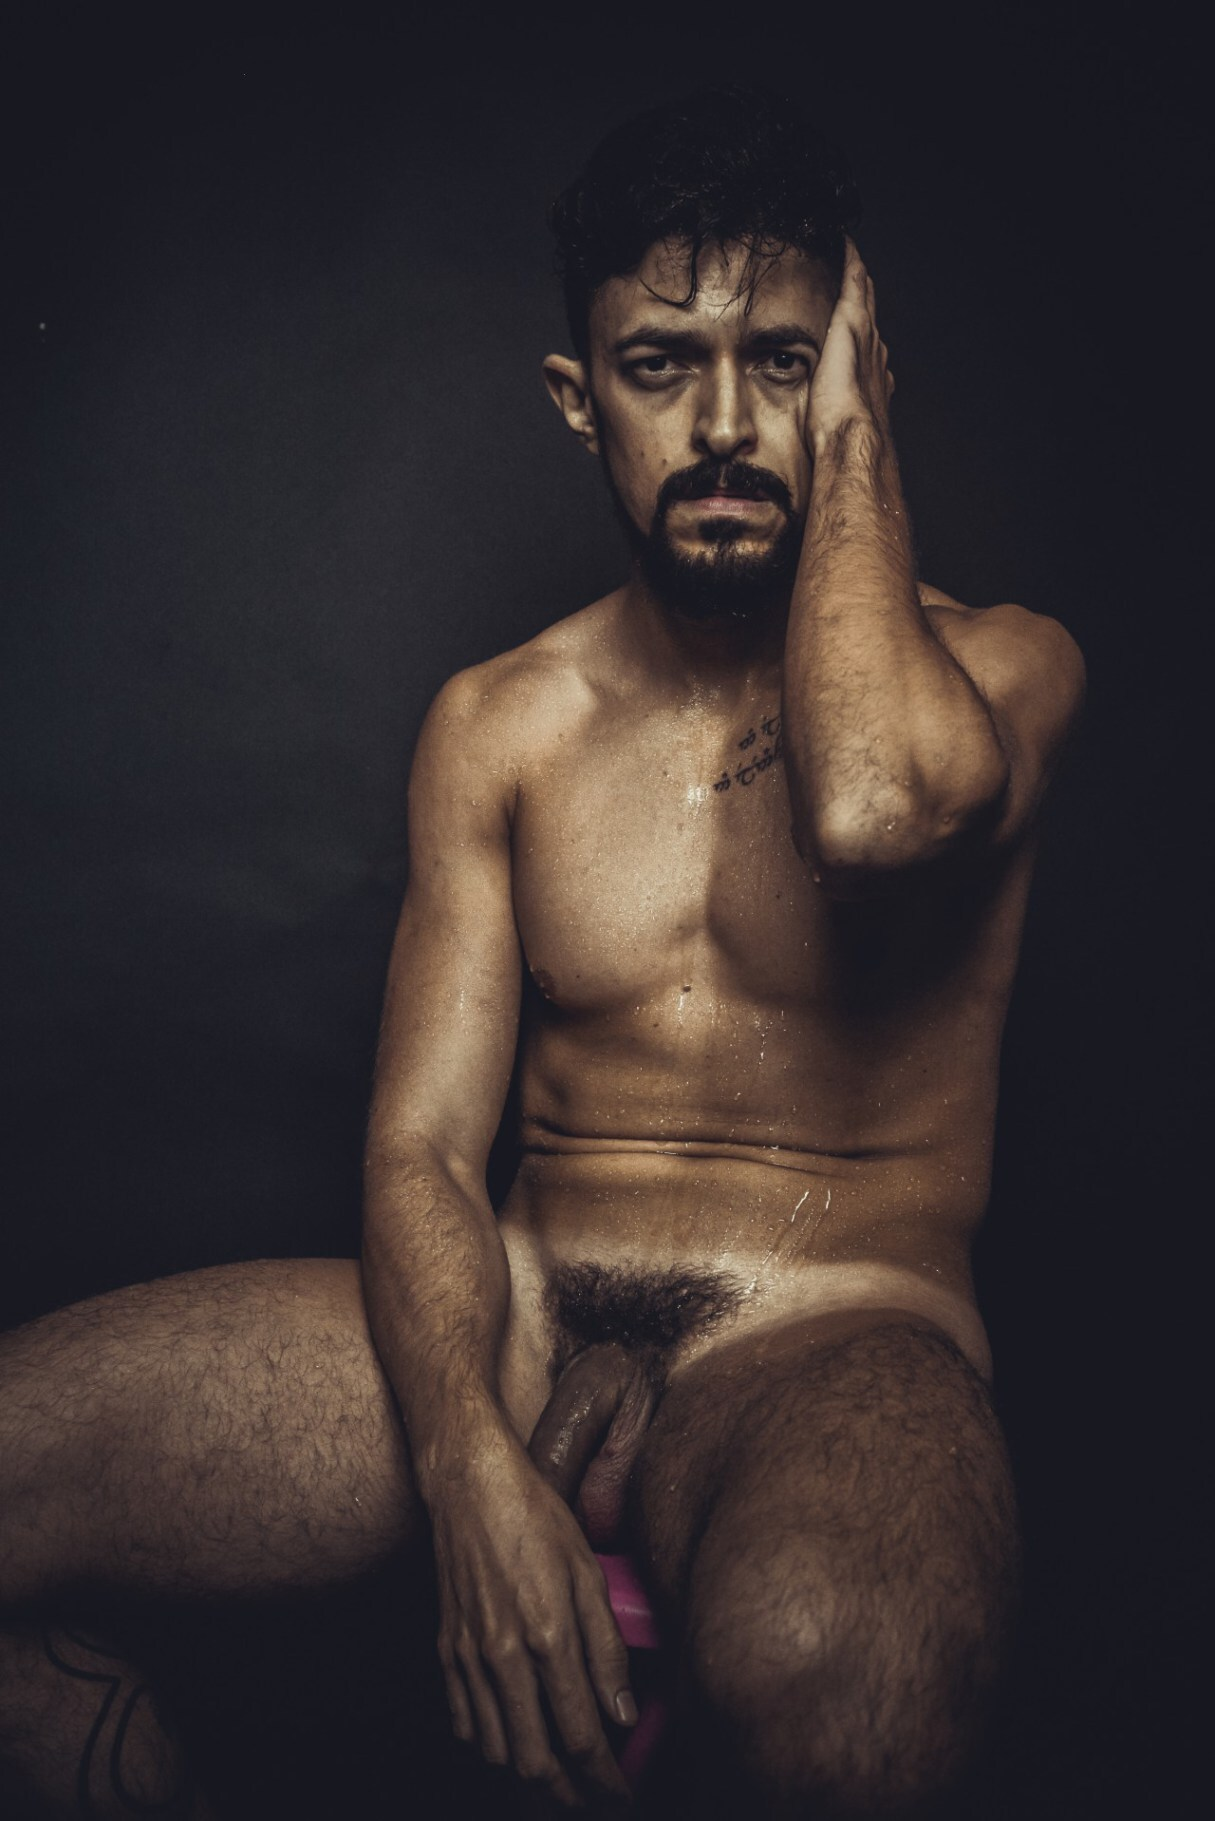 1 corpo, 100 artistas e conceitos sobre o nu